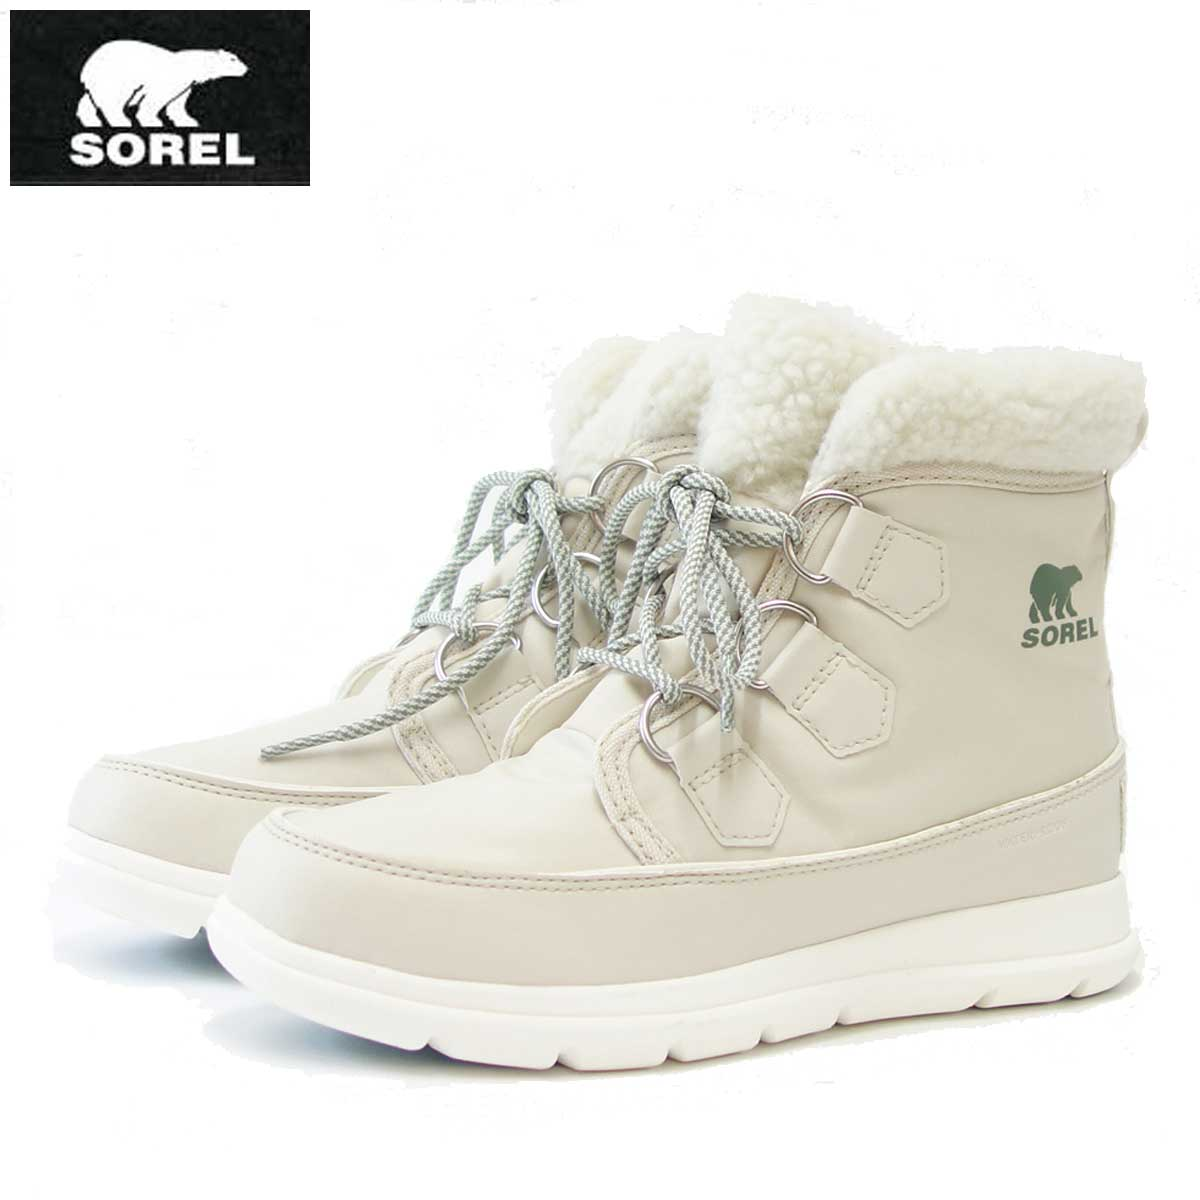 ソレル SOREL NL 3040(レディース) エクスプローラーカーニバル:Fawn (920) 防水・軽量ショートブーツ「靴」